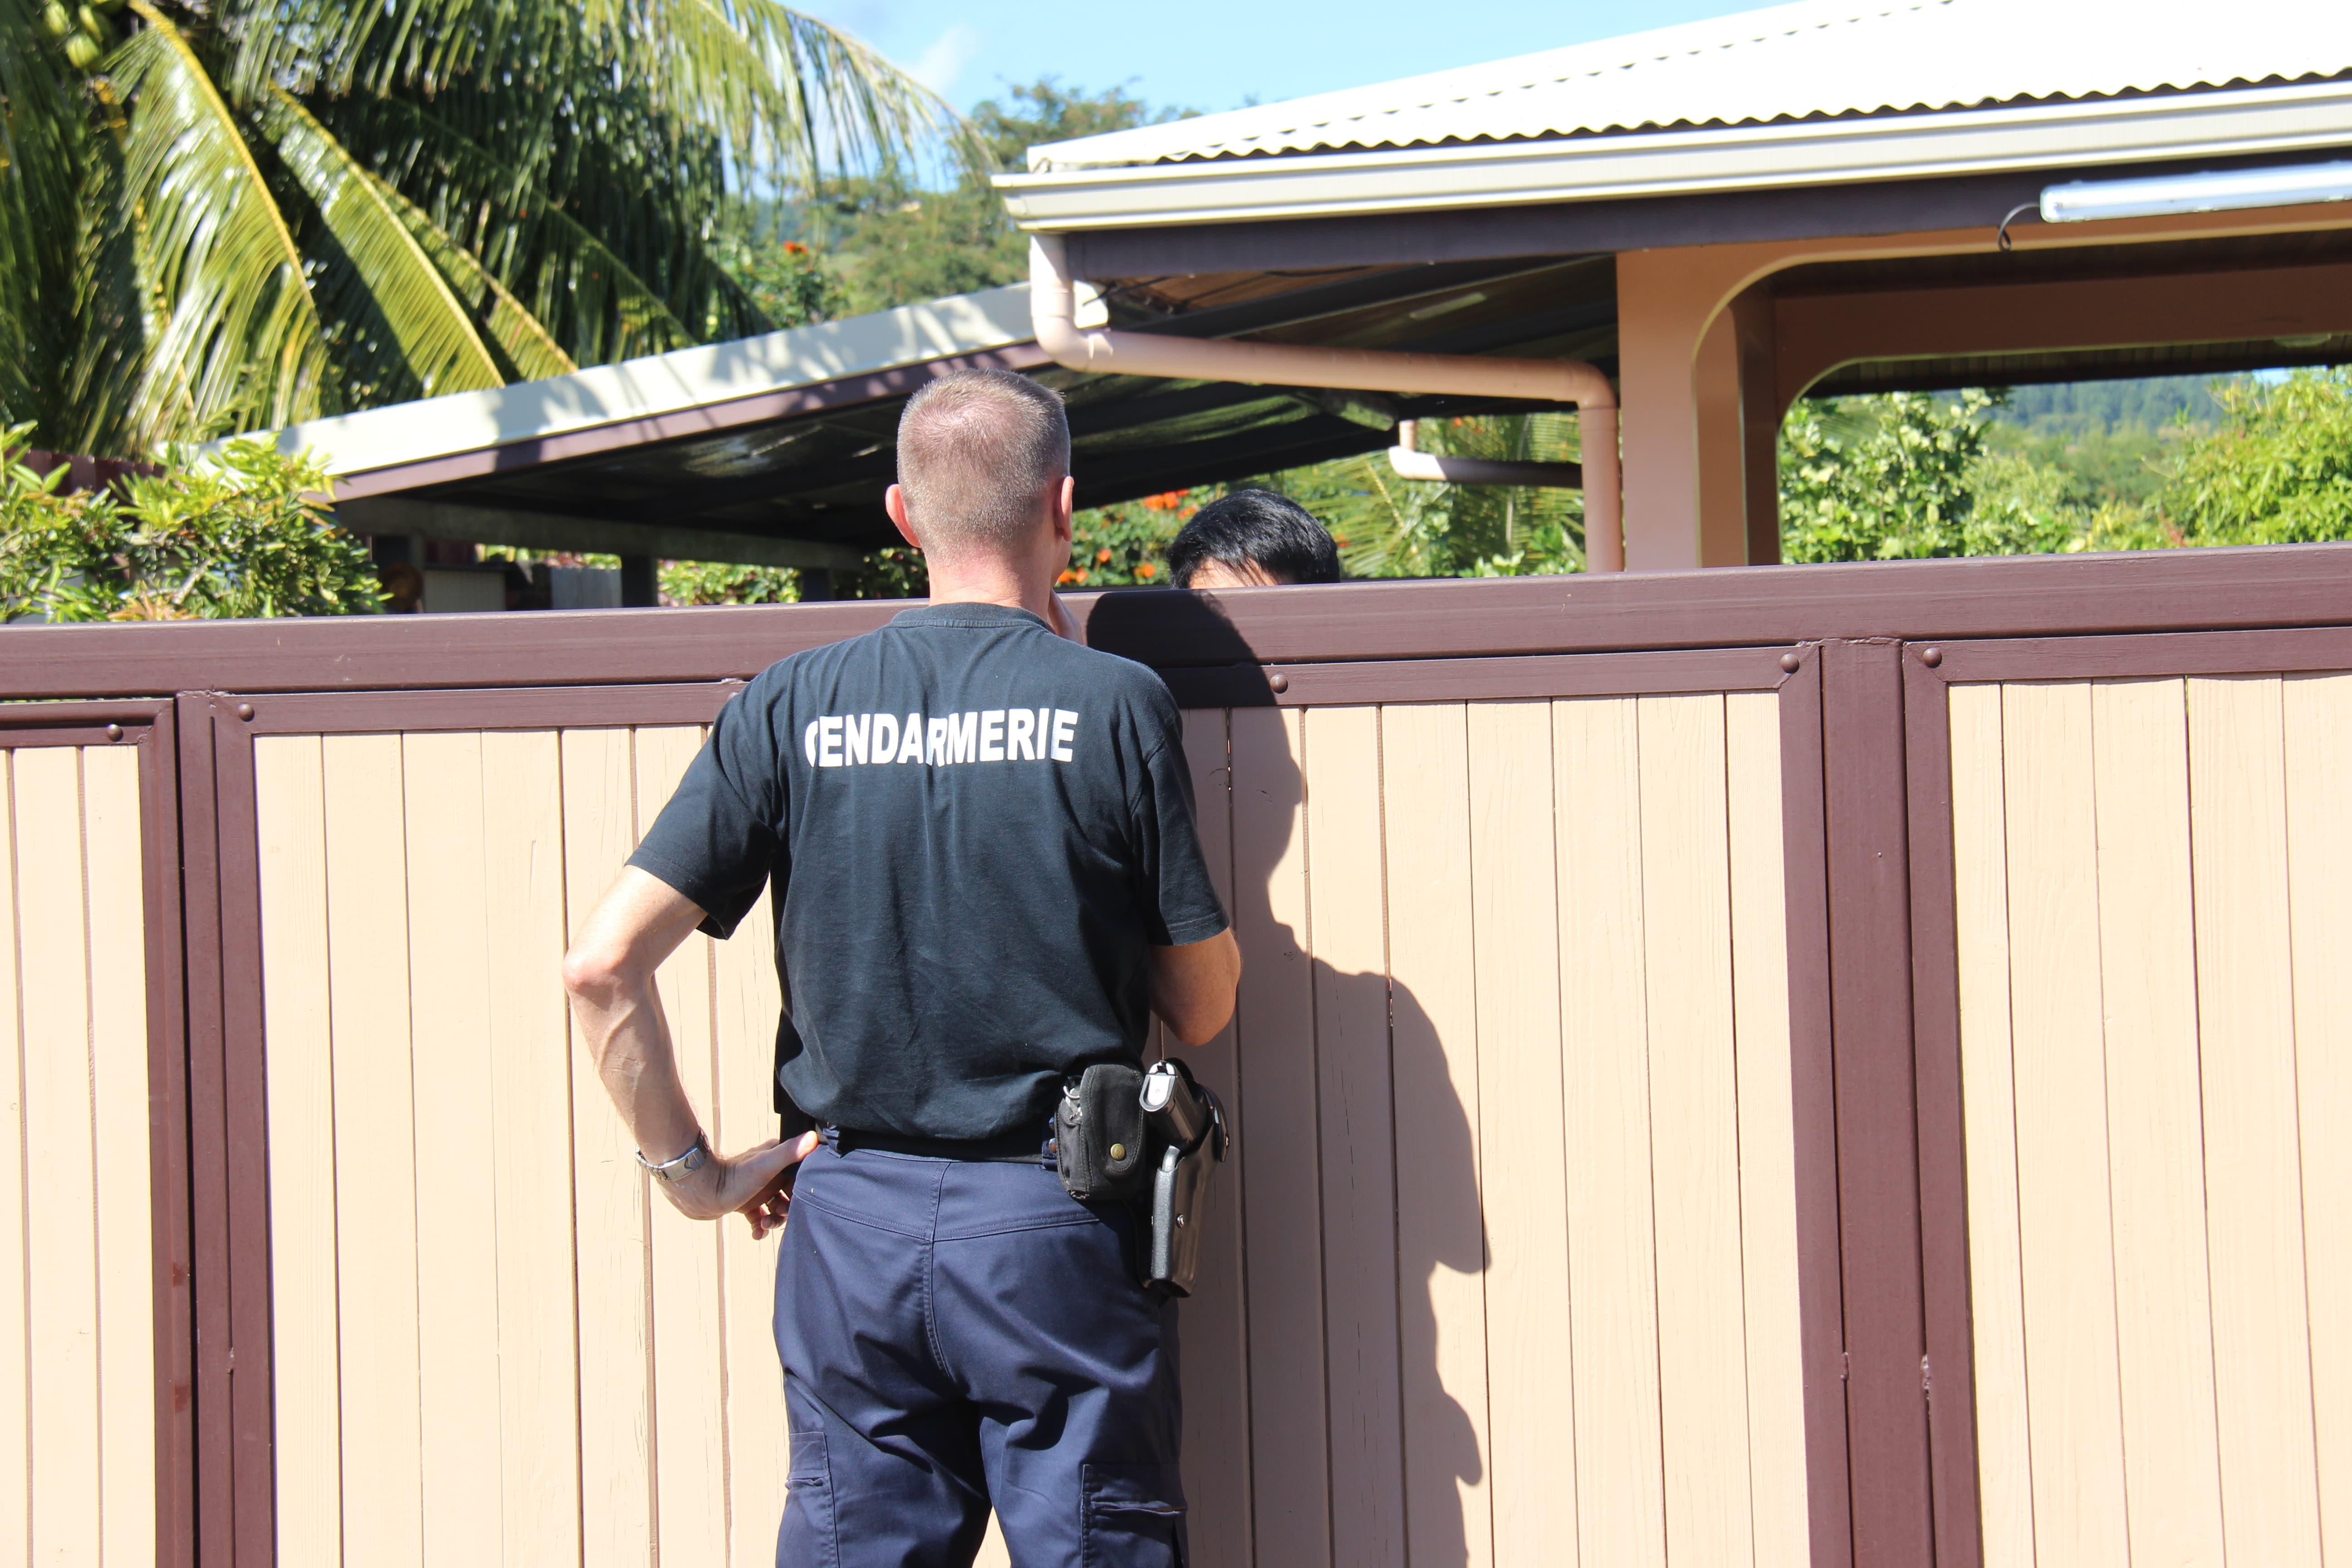 La gendarmerie diffusera tout au long de l'année, des messages de prévention sur les vols et les cambriolages via leur page Facebook.